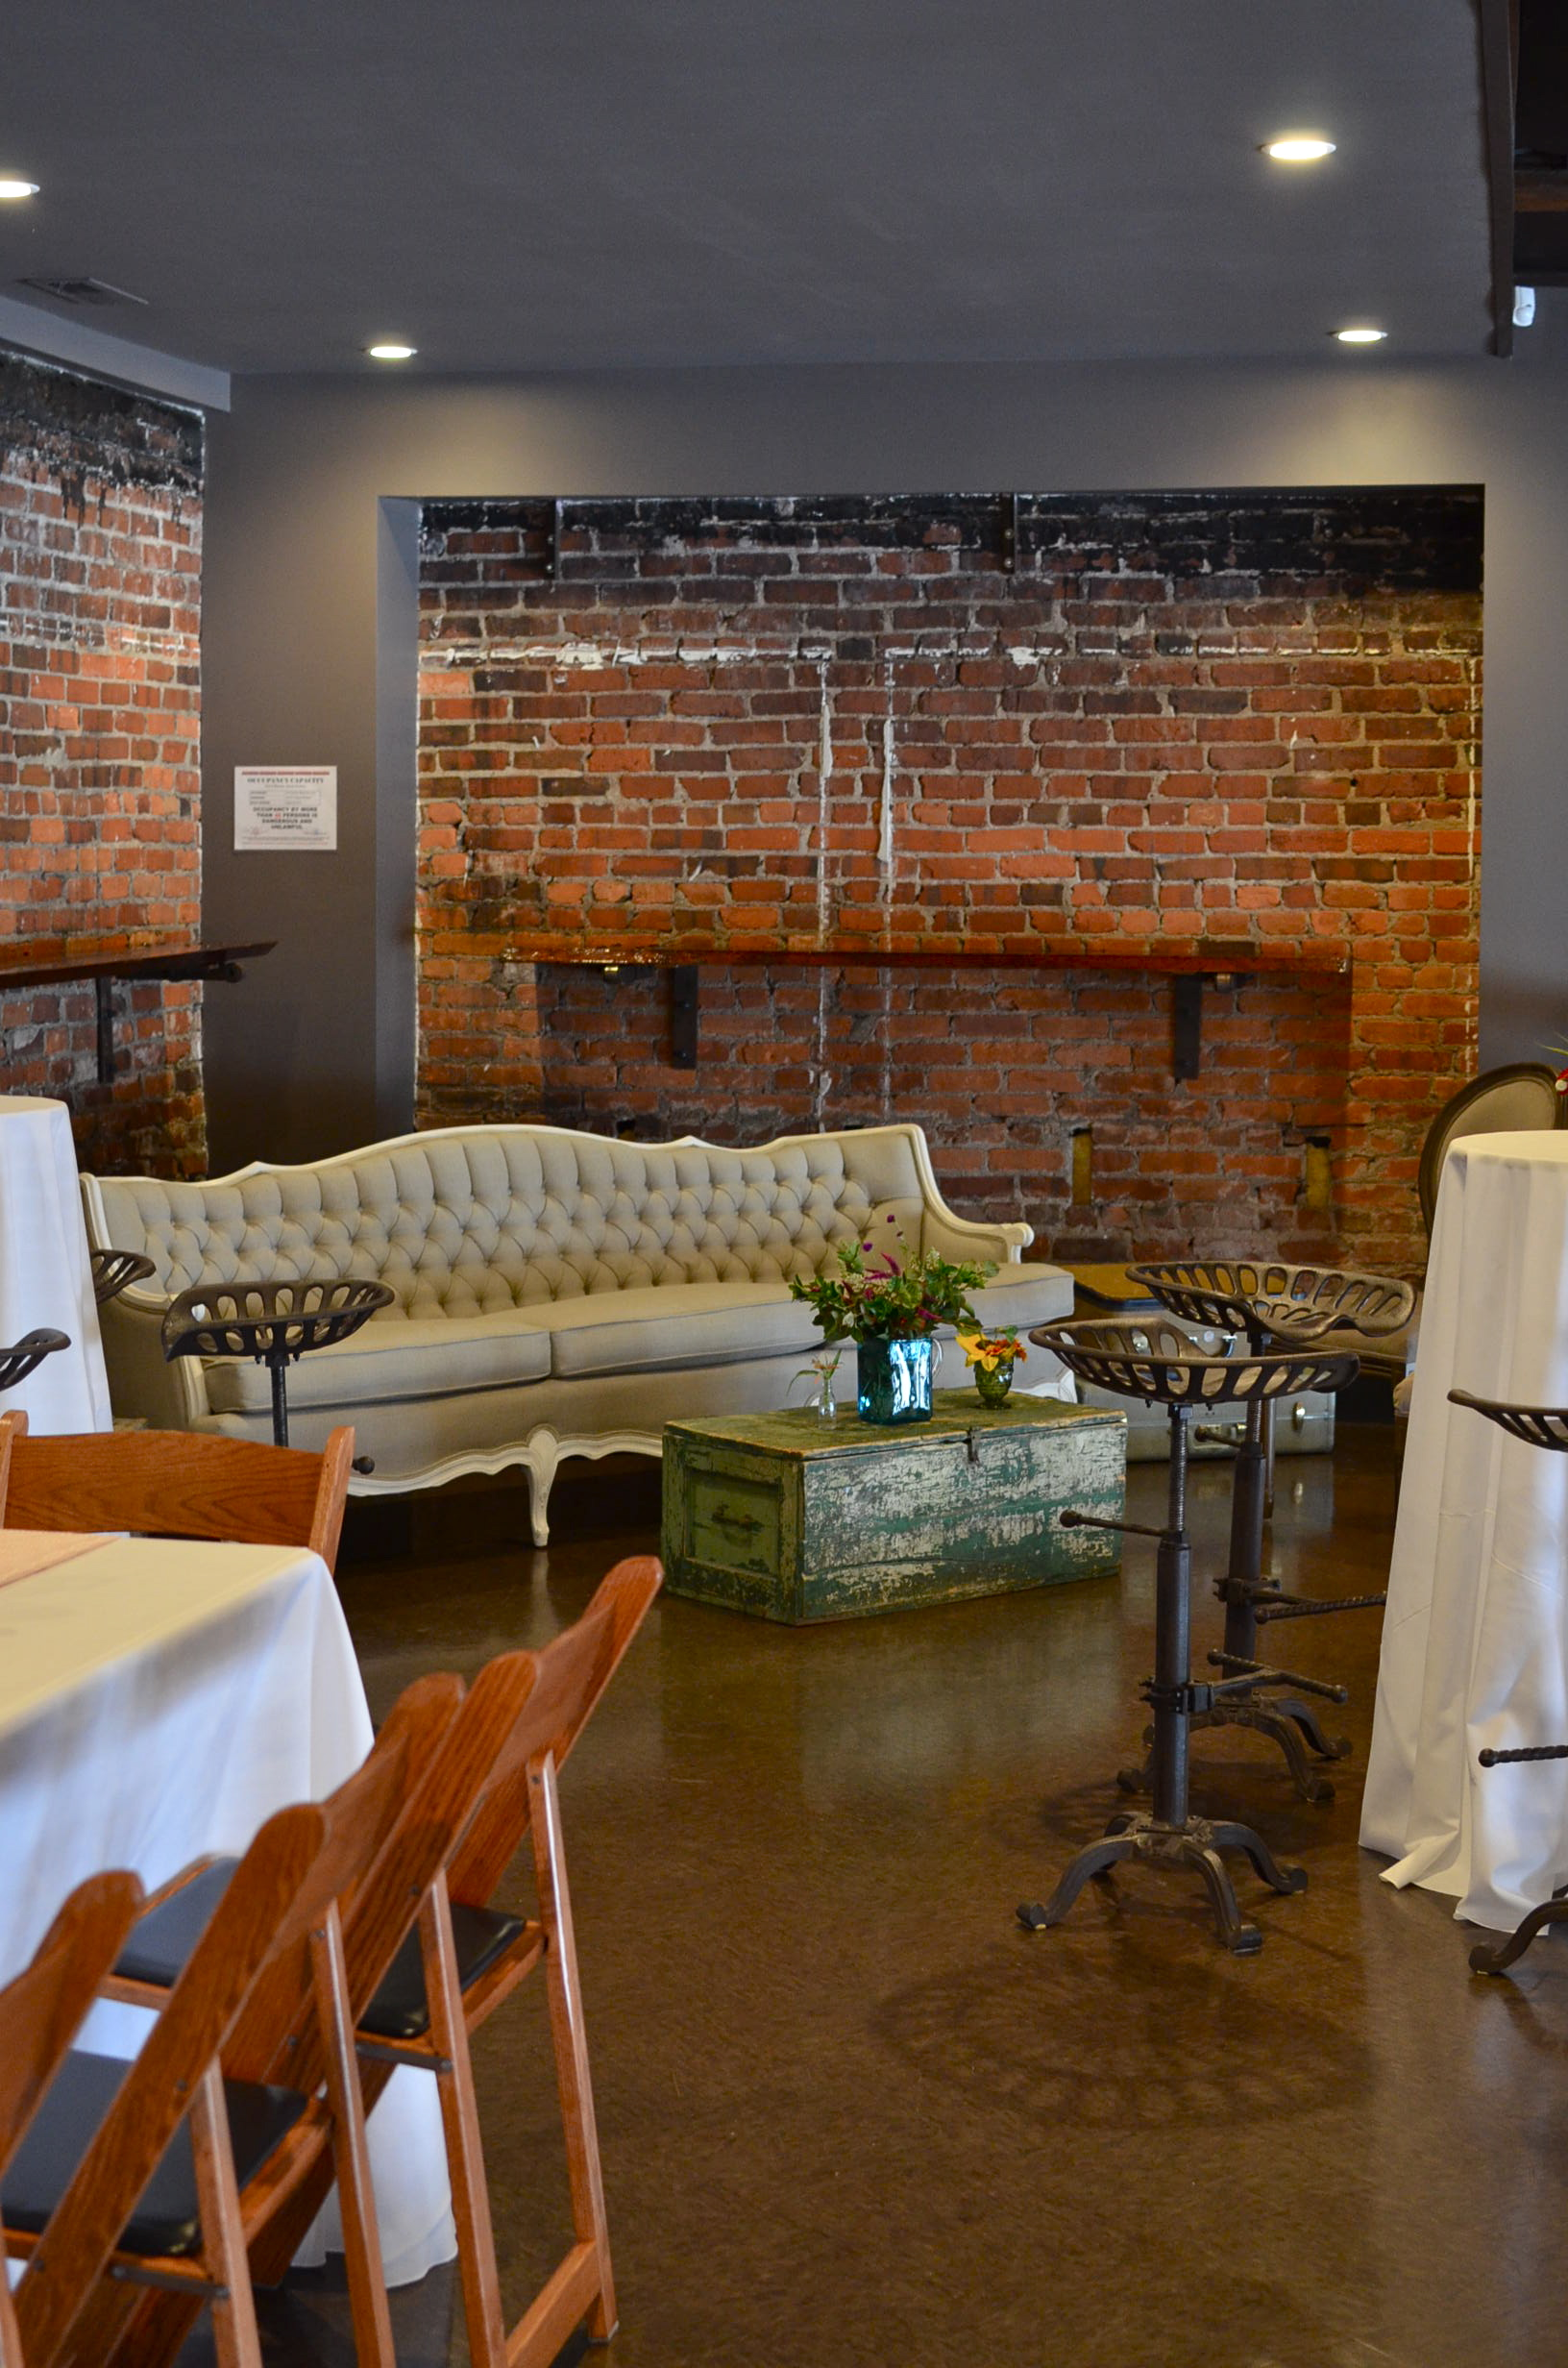 Vintage furniture rentals create a creative lounge area